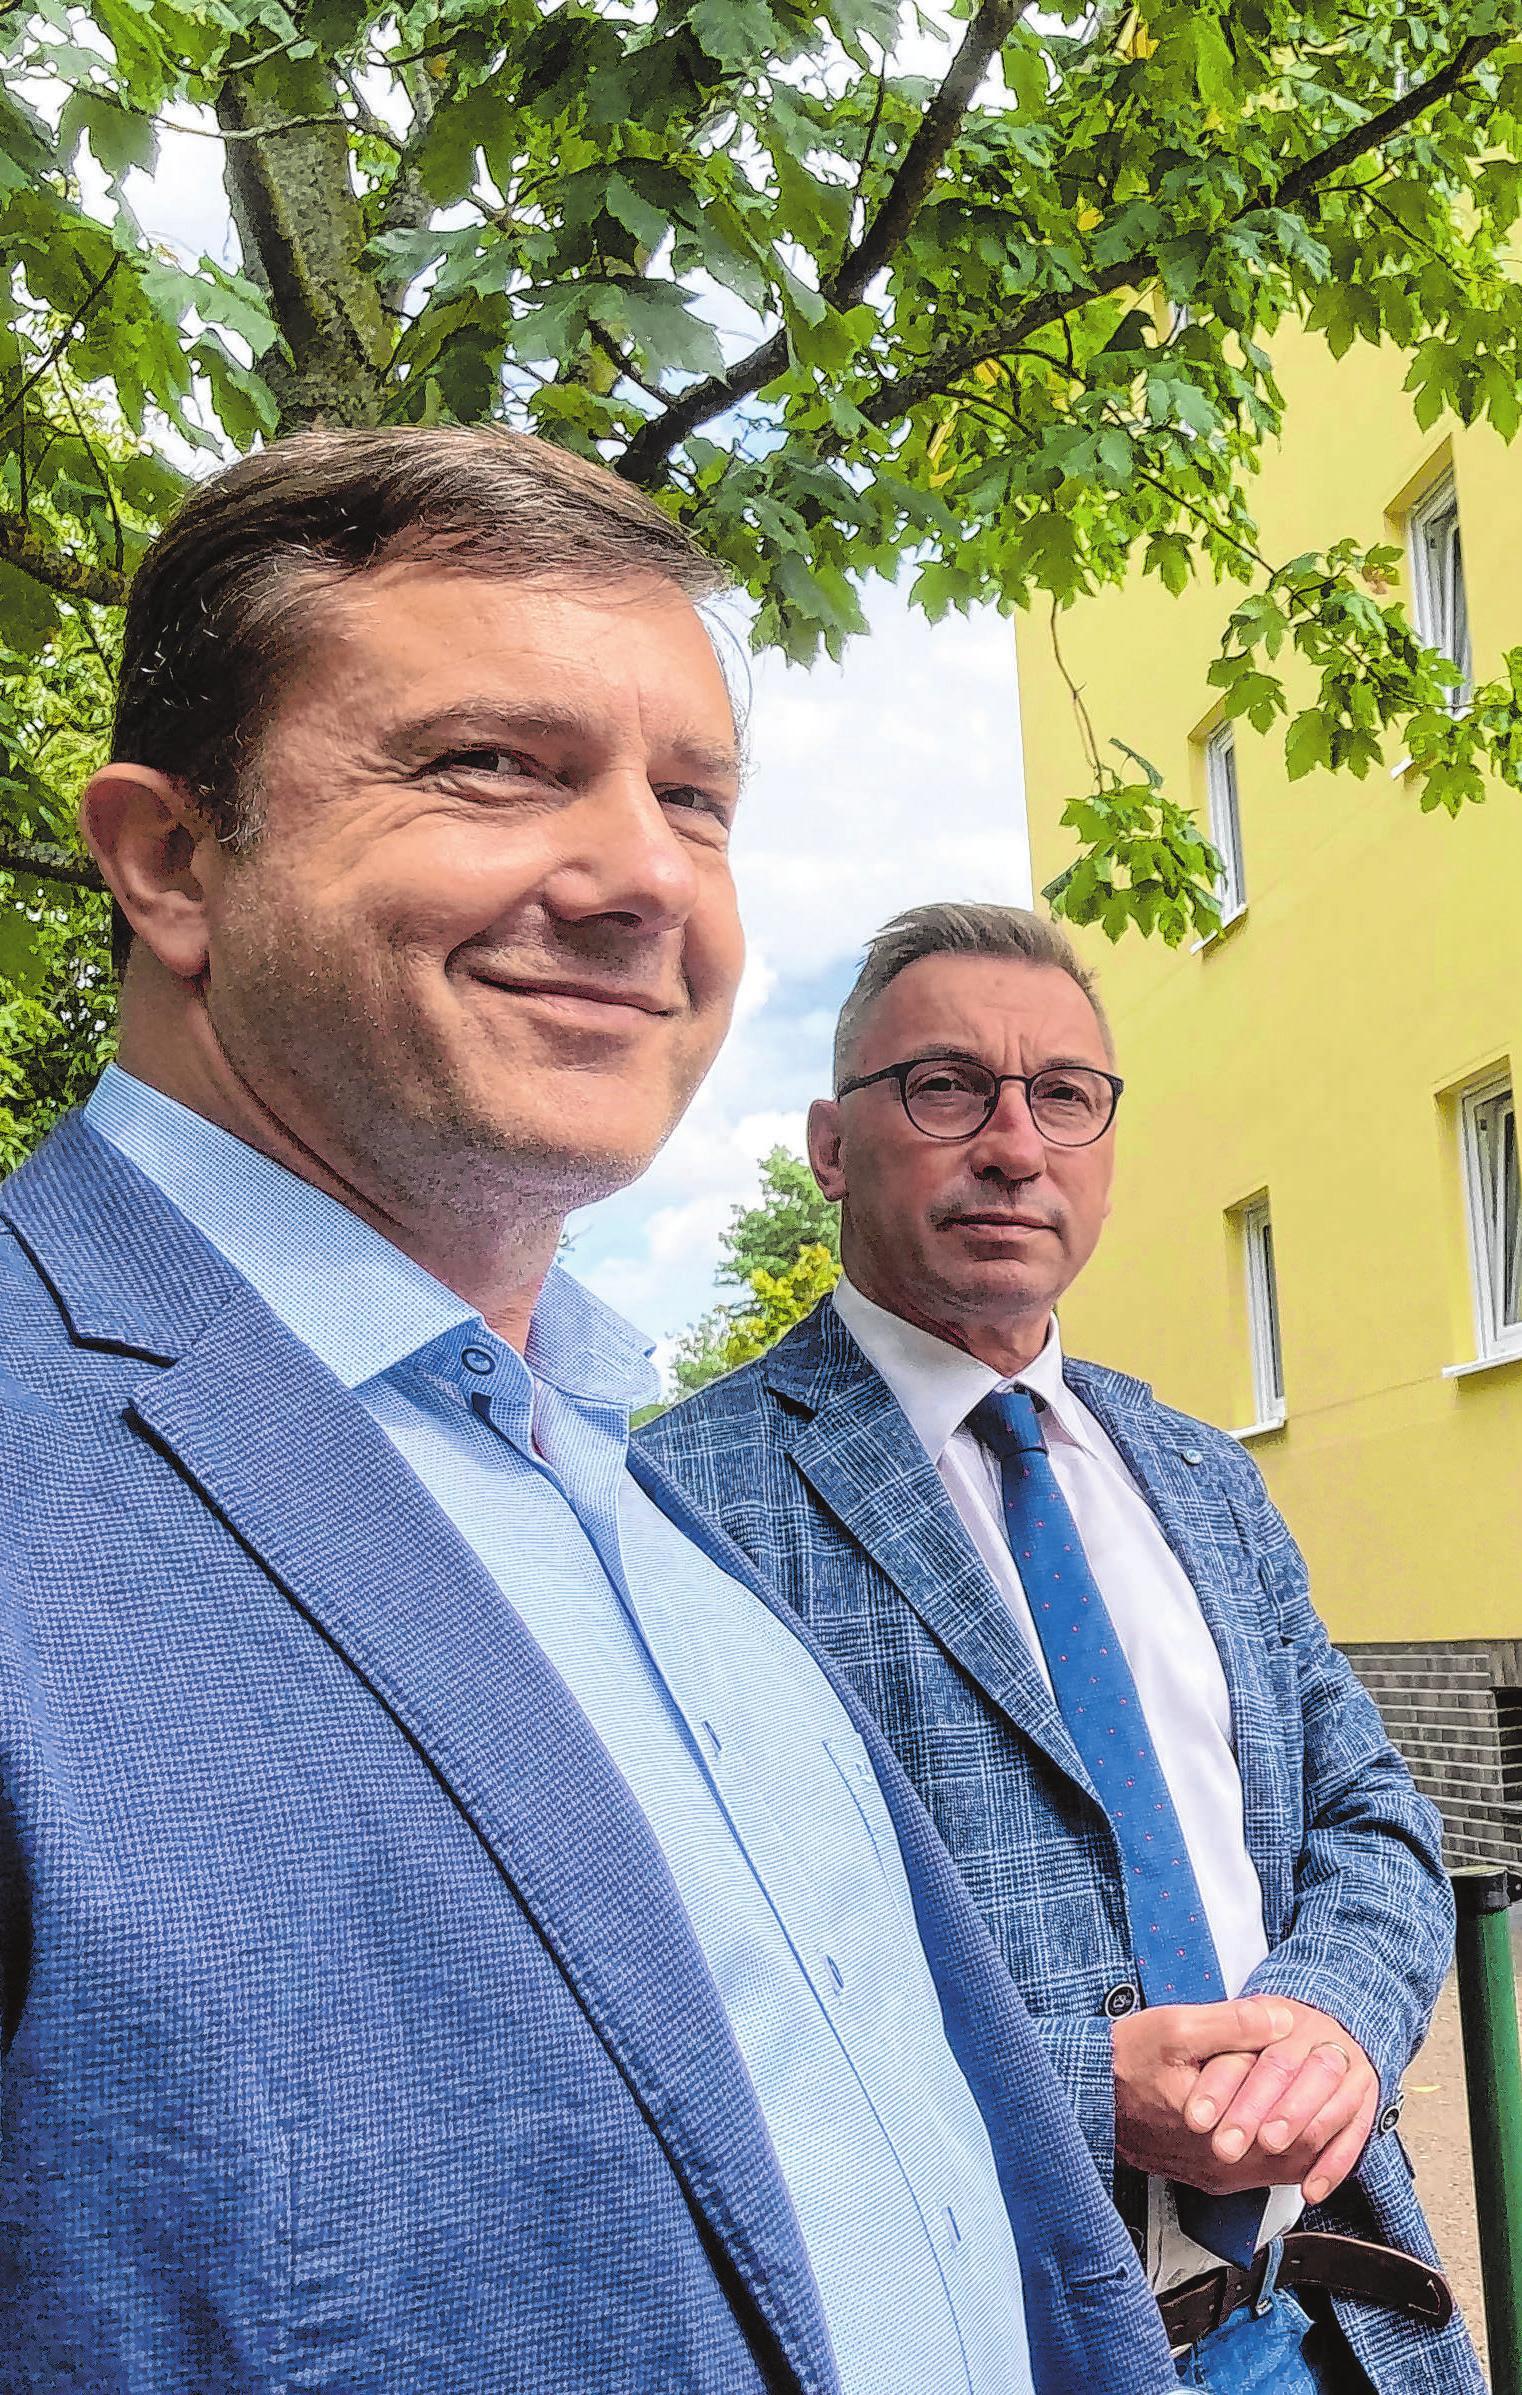 Erstmals ist dieser PWG-Chef als Bauherr in Erscheinung getreten: Heiko Ebers (li.) ist seit 2020 der Geschäftsführer der vor 30 Jahren gegründeten Premnitzer Wohnungsbaugesellschaft (PWG), deren Aufsichtsratsvorsitzender Bürgermeister Ralf Tebling ist. Foto: René Wernitz